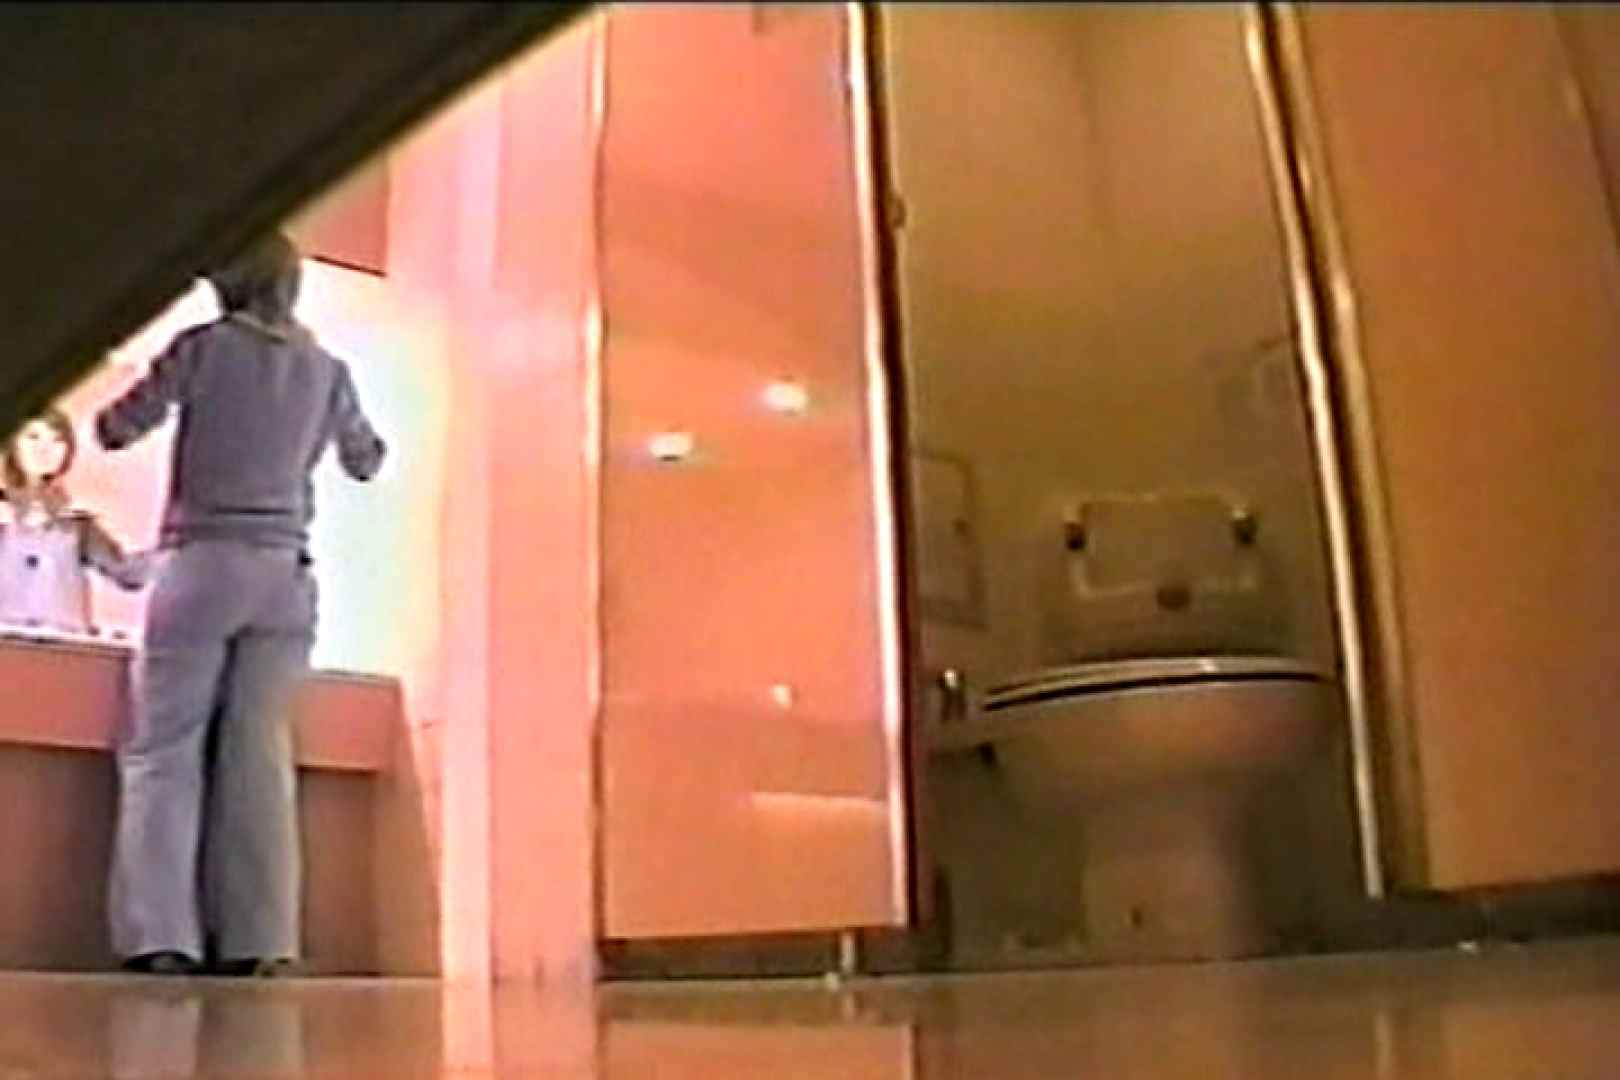 門外不出デパート洗面所 No.4 おまんこ無修正 隠し撮りセックス画像 53pic 11